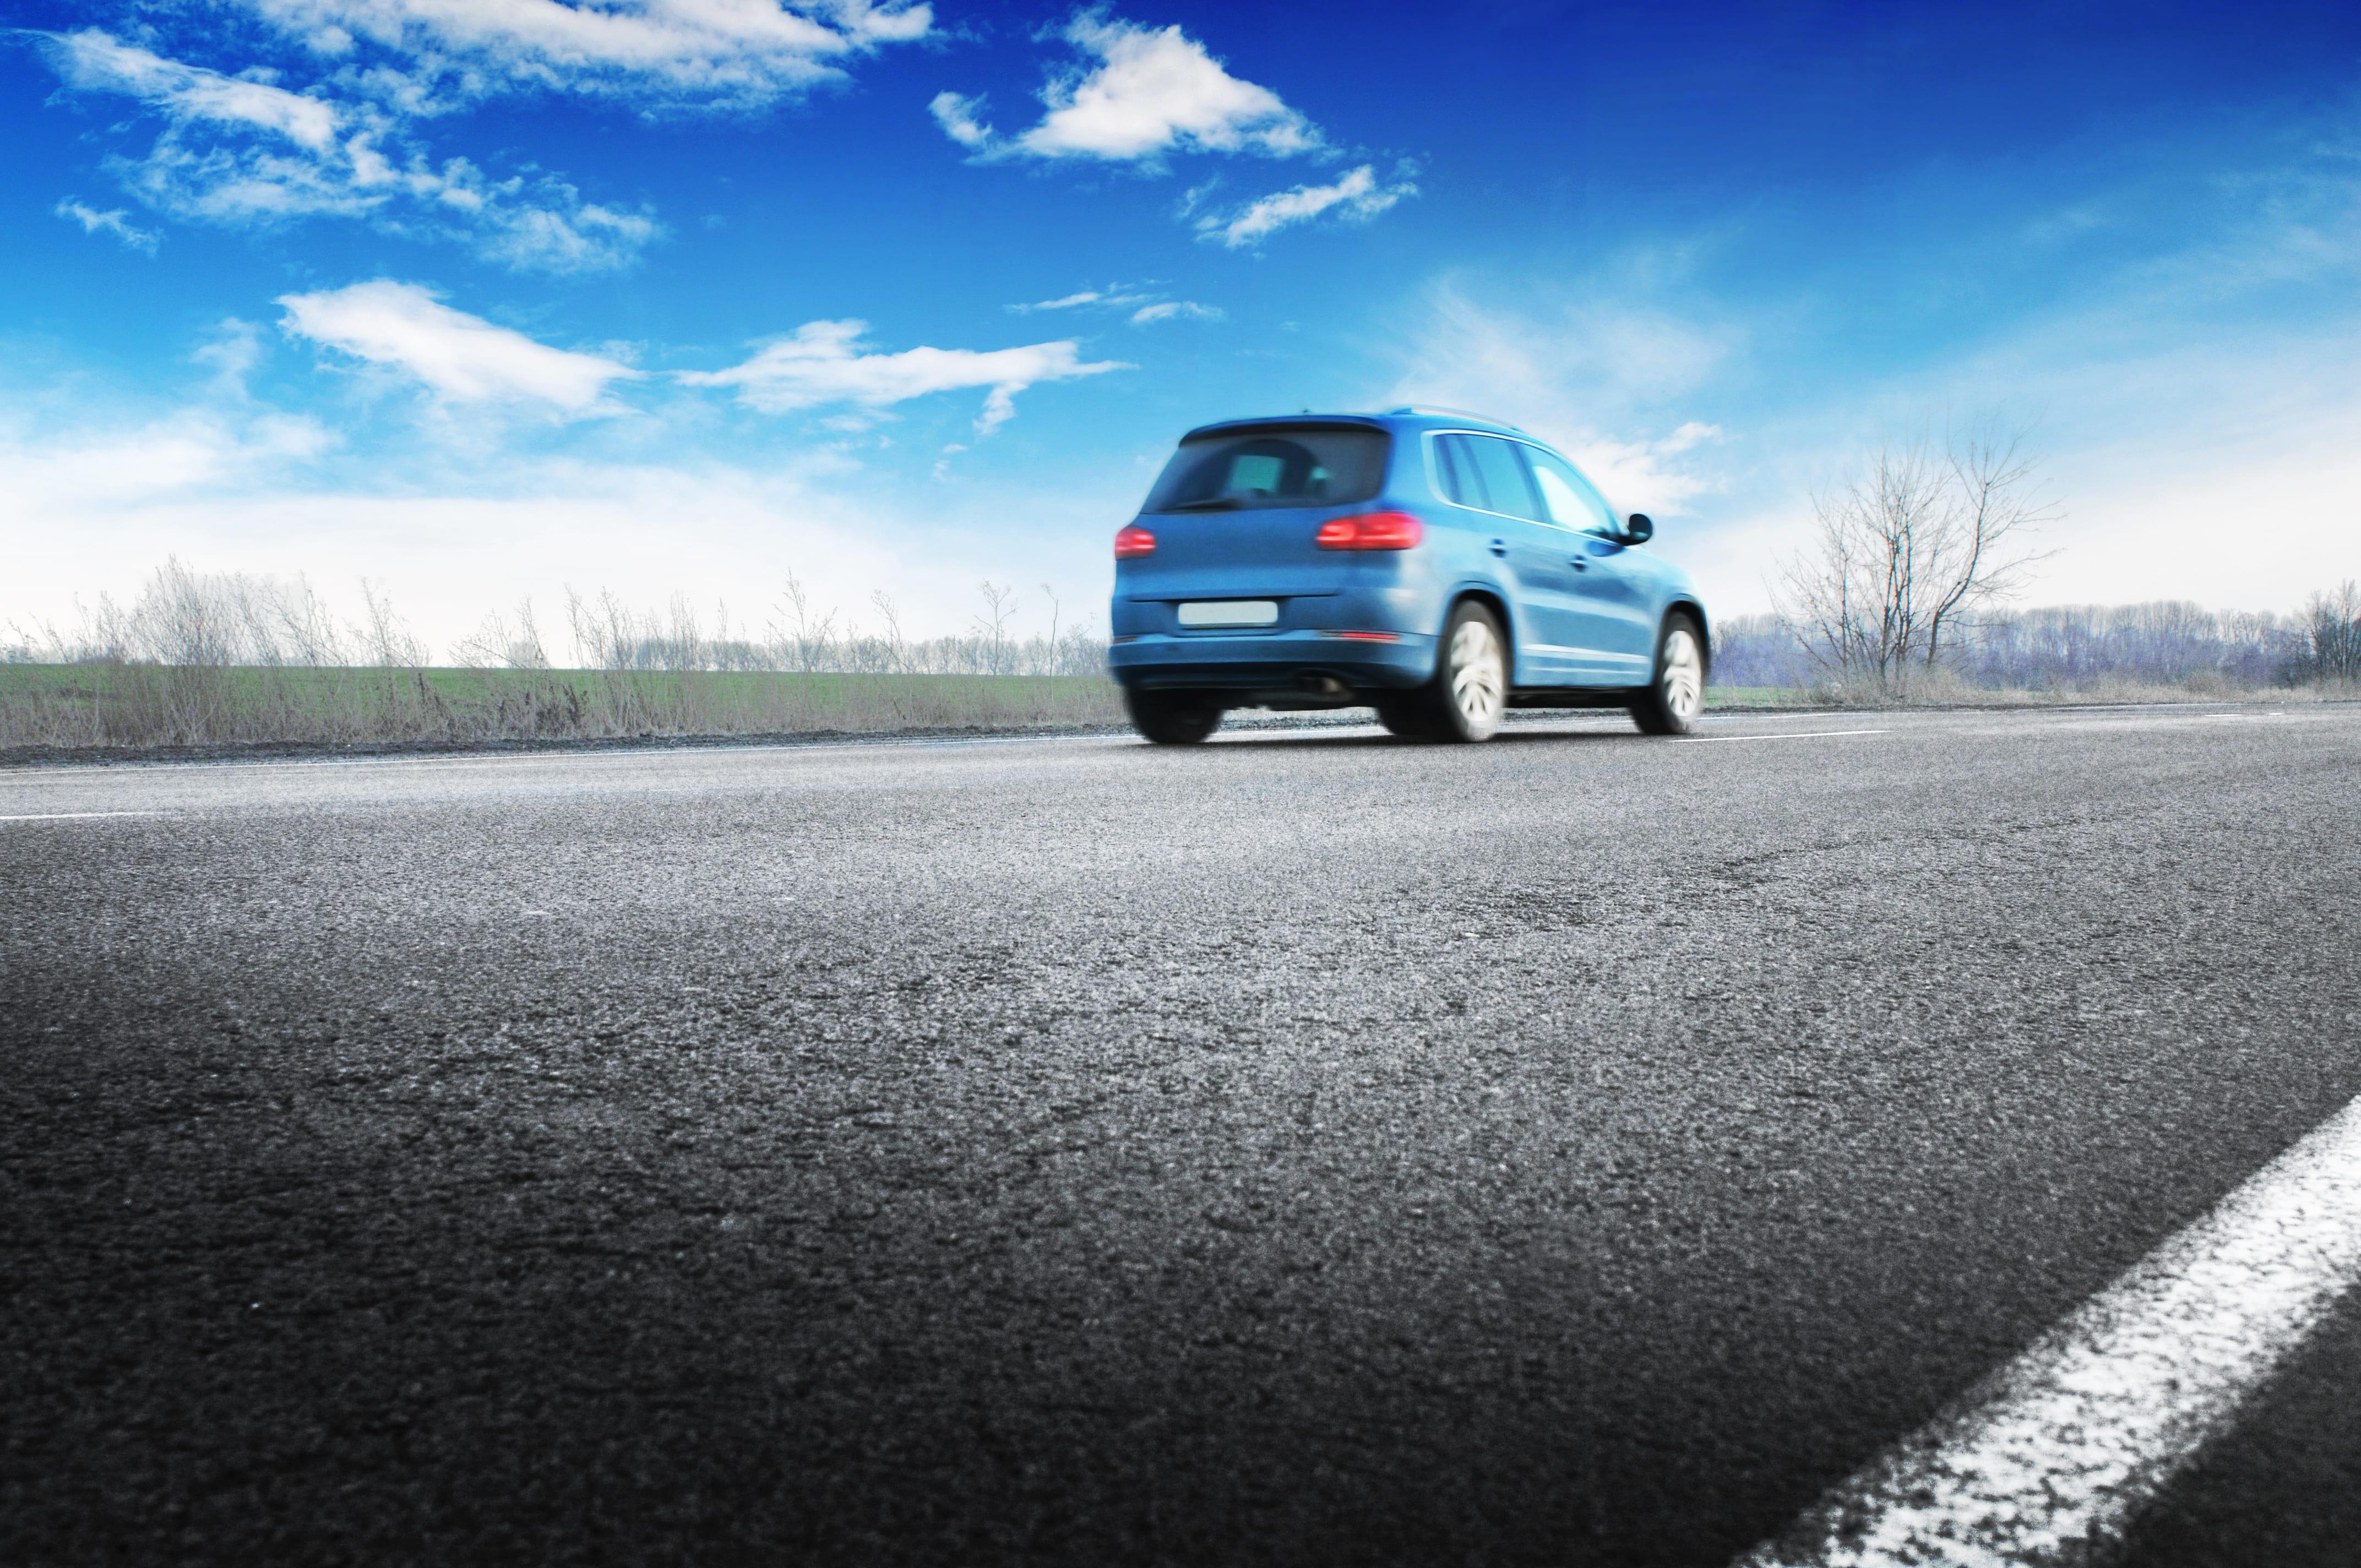 「プレオ」の中古車を自社ローンで購入した方の車両価格相場と口コミ(体験談)